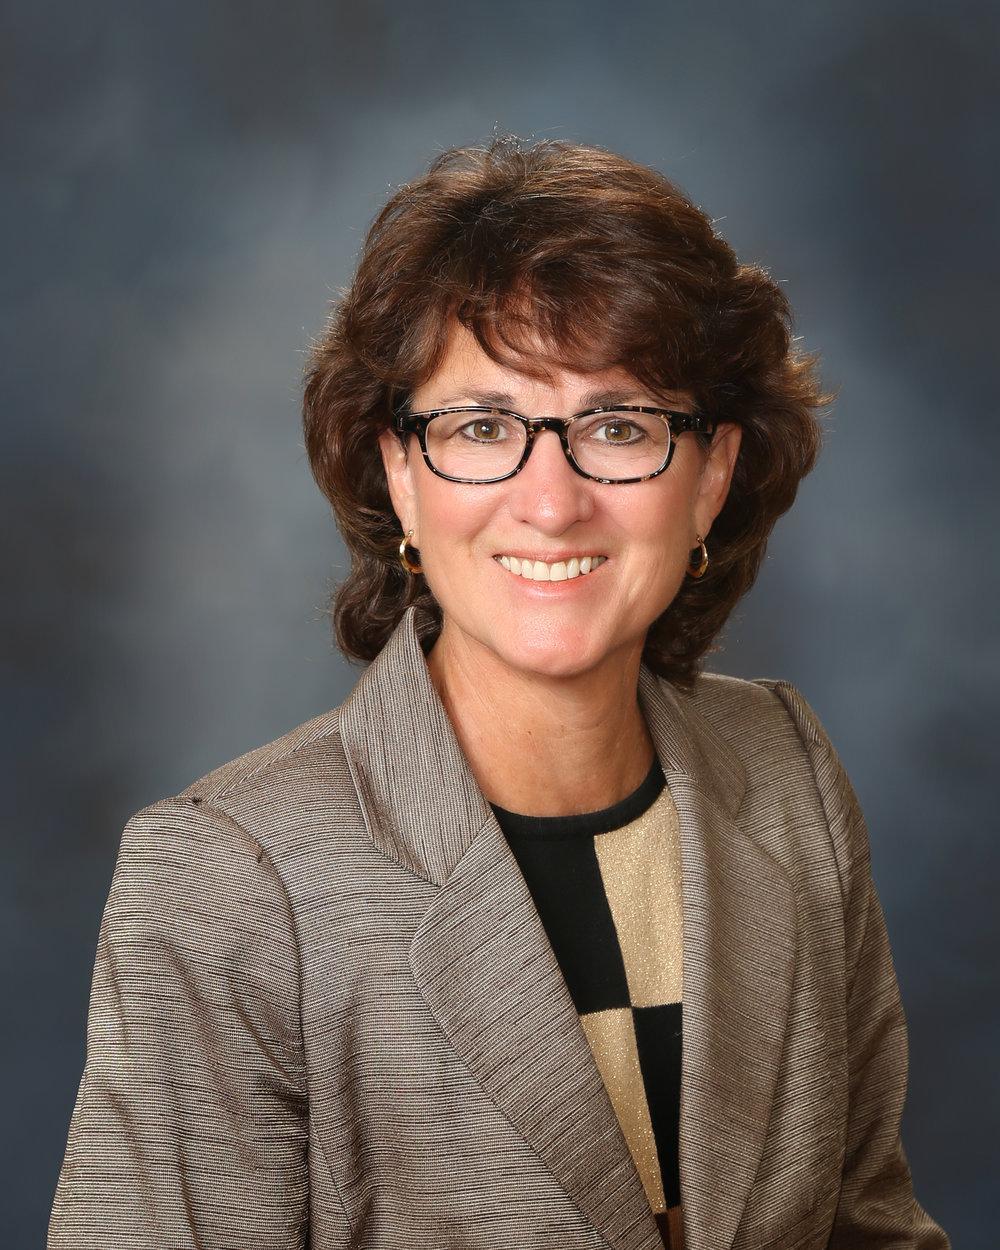 Suzanne Doscher<br>Ex-Officio